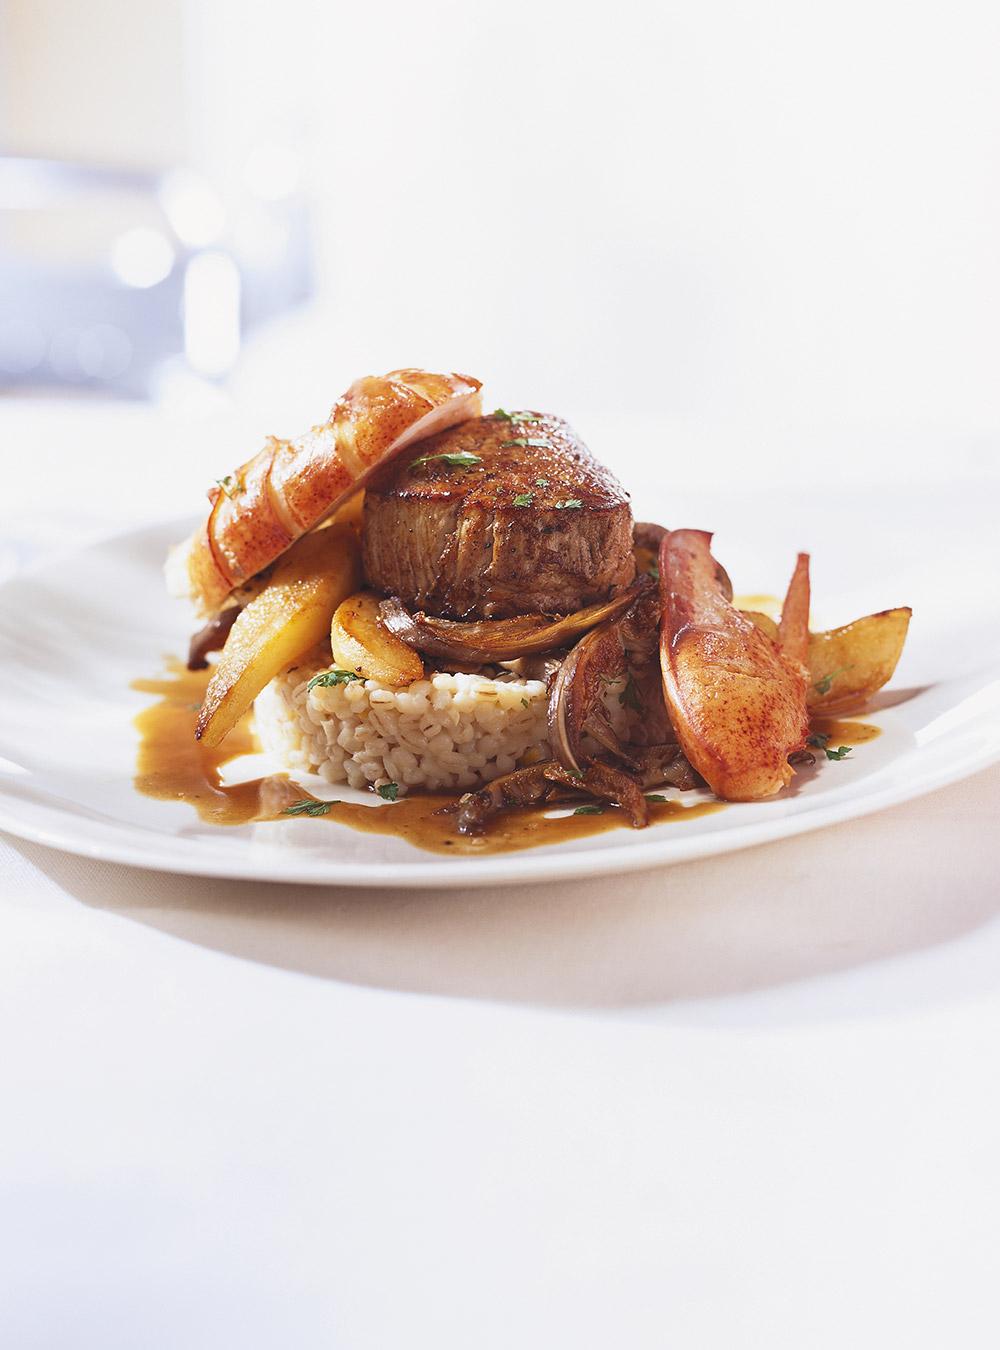 Mignons de veau, homard, sauté de pleurotes et de poires sur pilaf ...